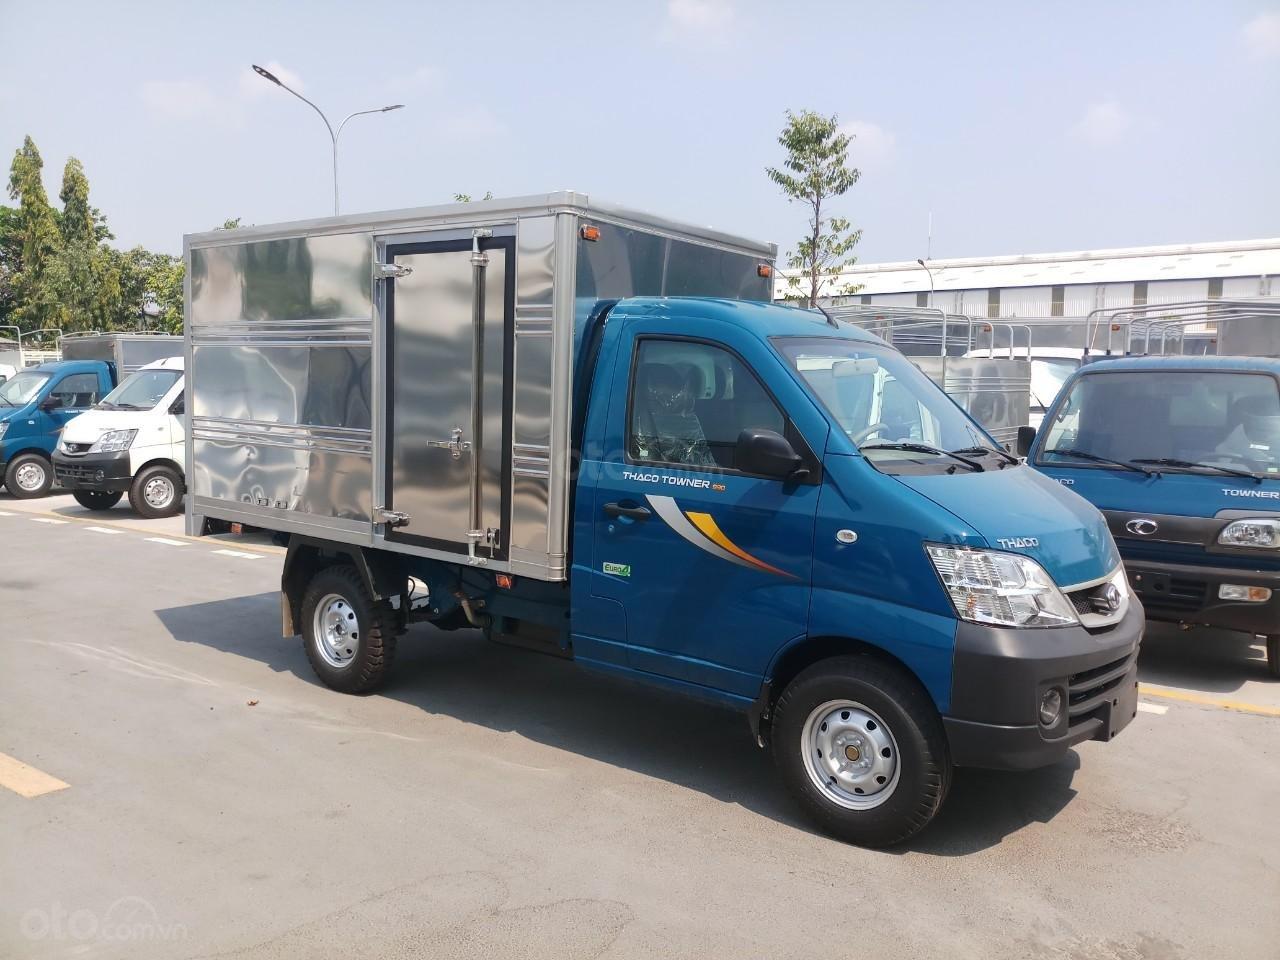 Xe tải nhỏ Thaco Towner990 - Xe tải Suzuki -tặng 100% lệ phí trước bạ (6)